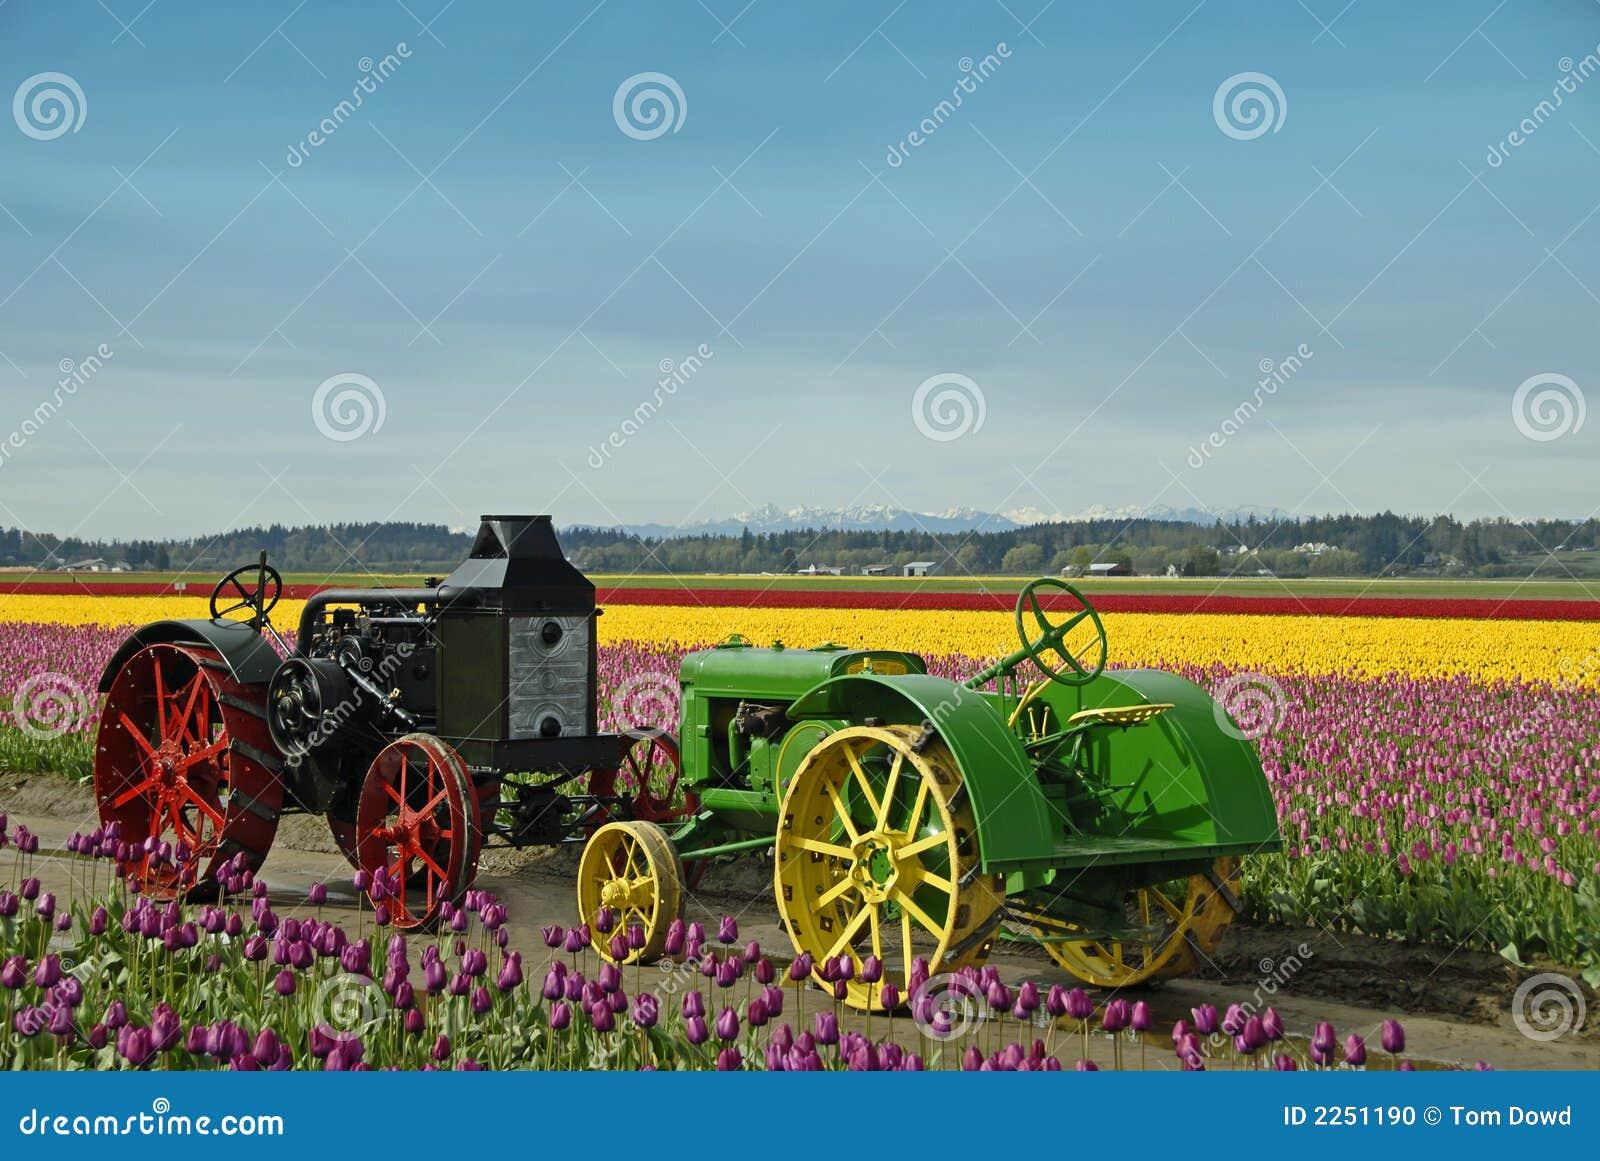 Vintage Farm Tractors Editorial Image Image 2251190